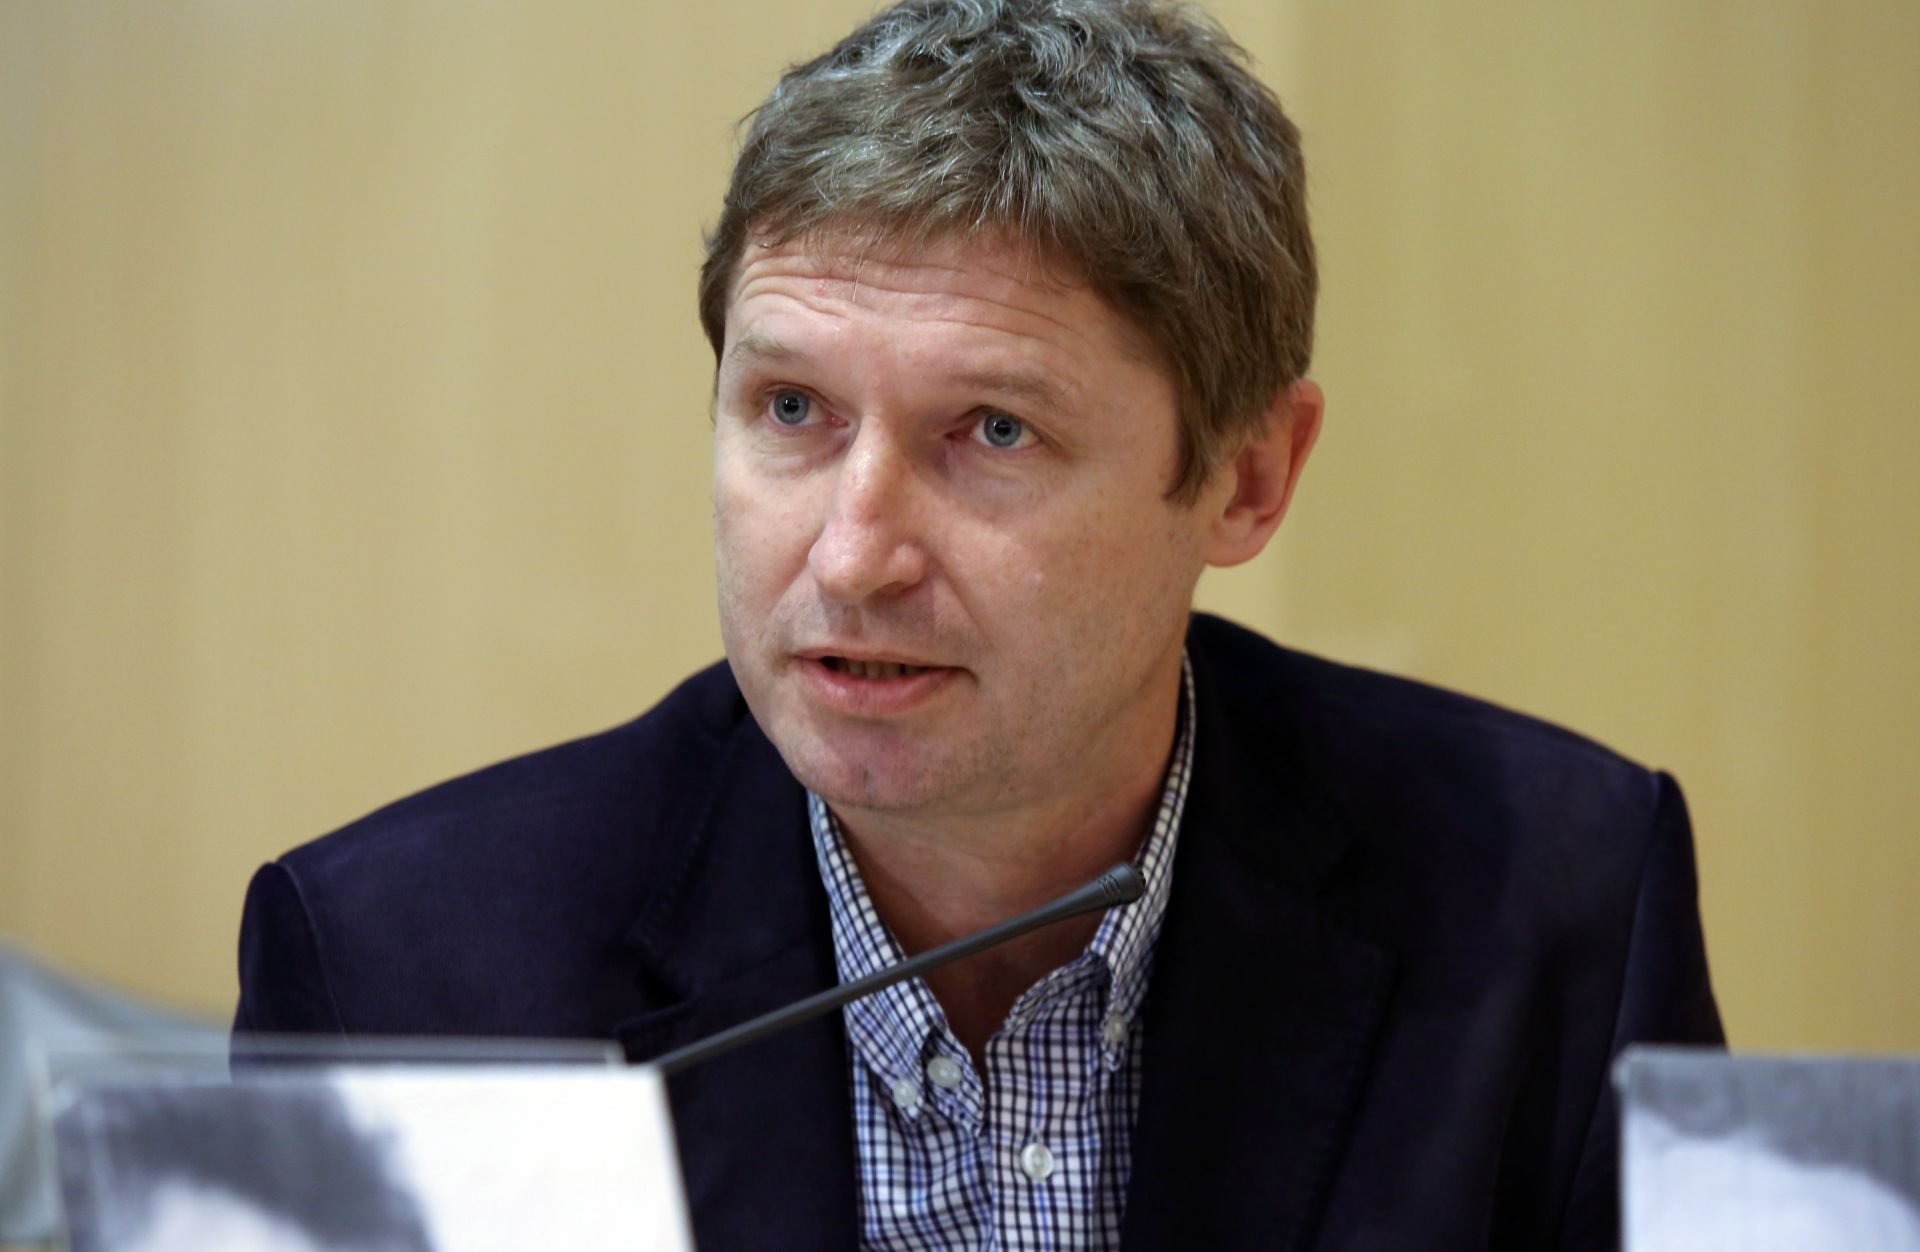 ANTE NAZOR: Vasiljkovićeva uloga u velikosrpskoj agresiji je nedvojbena